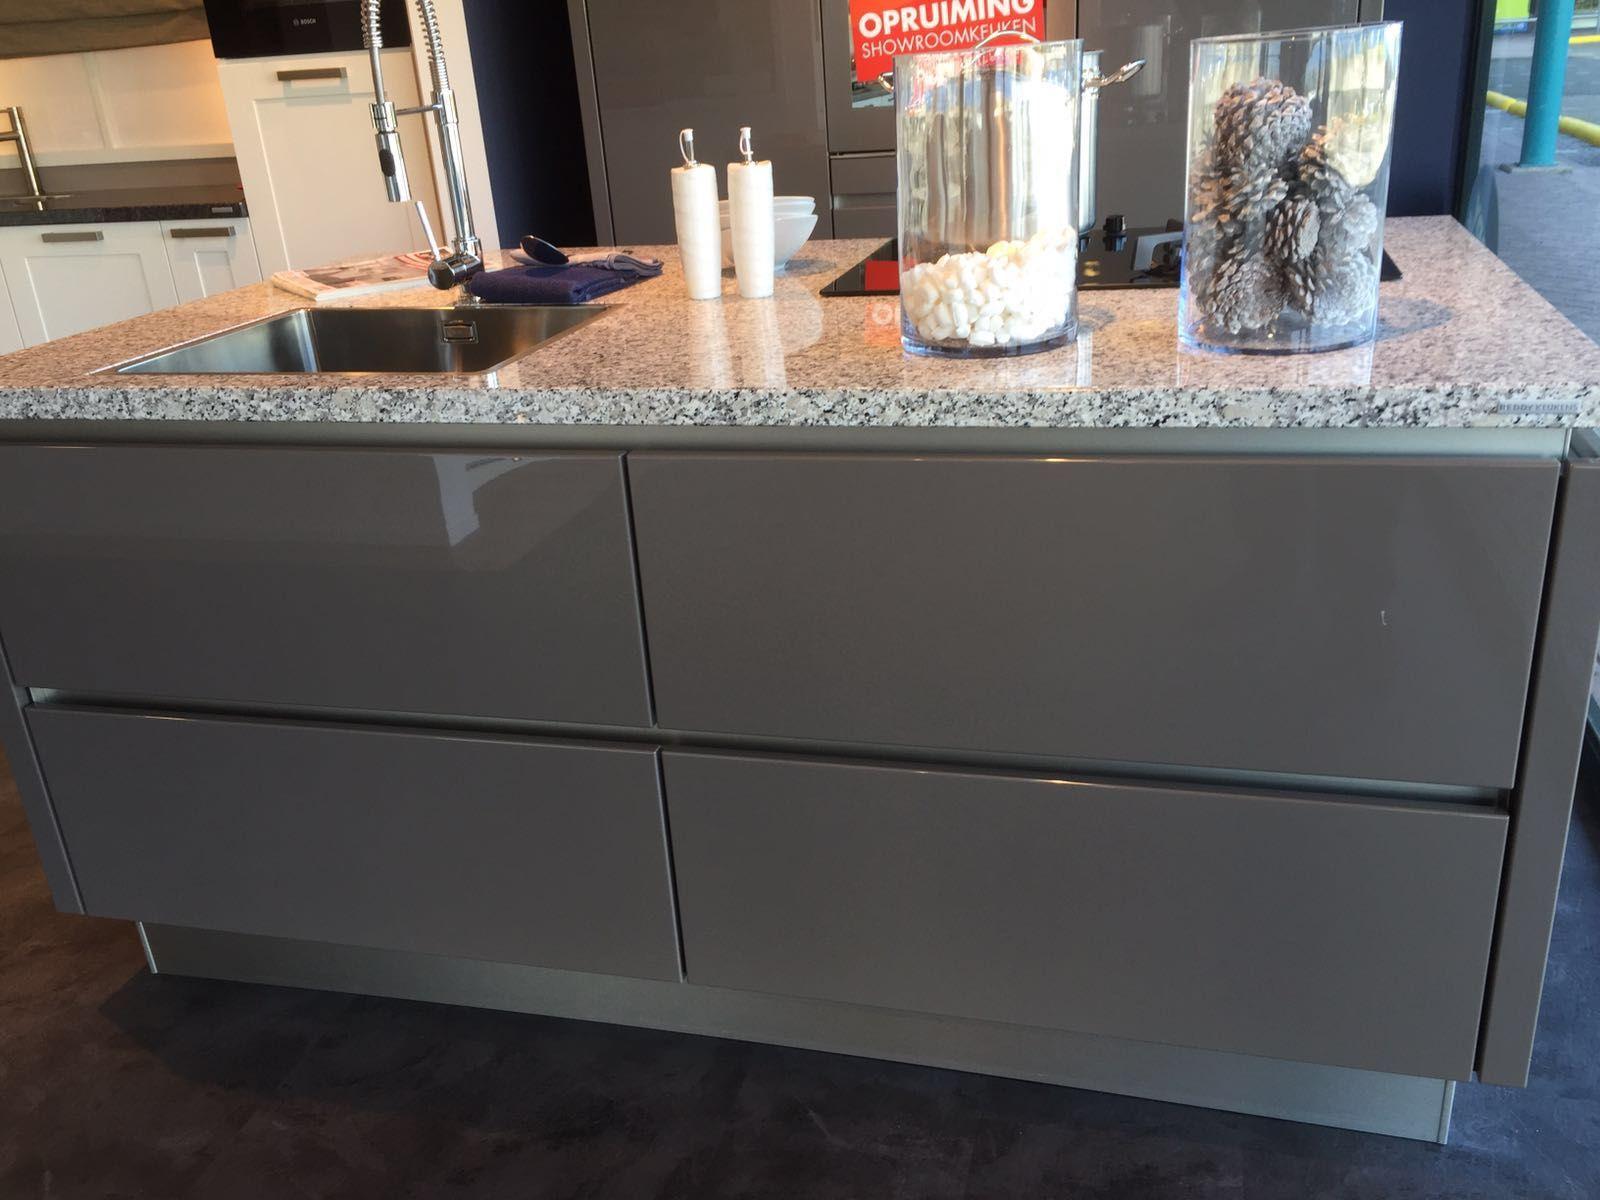 De voordeligste woonwinkel van nederland eilandkeuken 55659 - Serveren eiland keuken ...